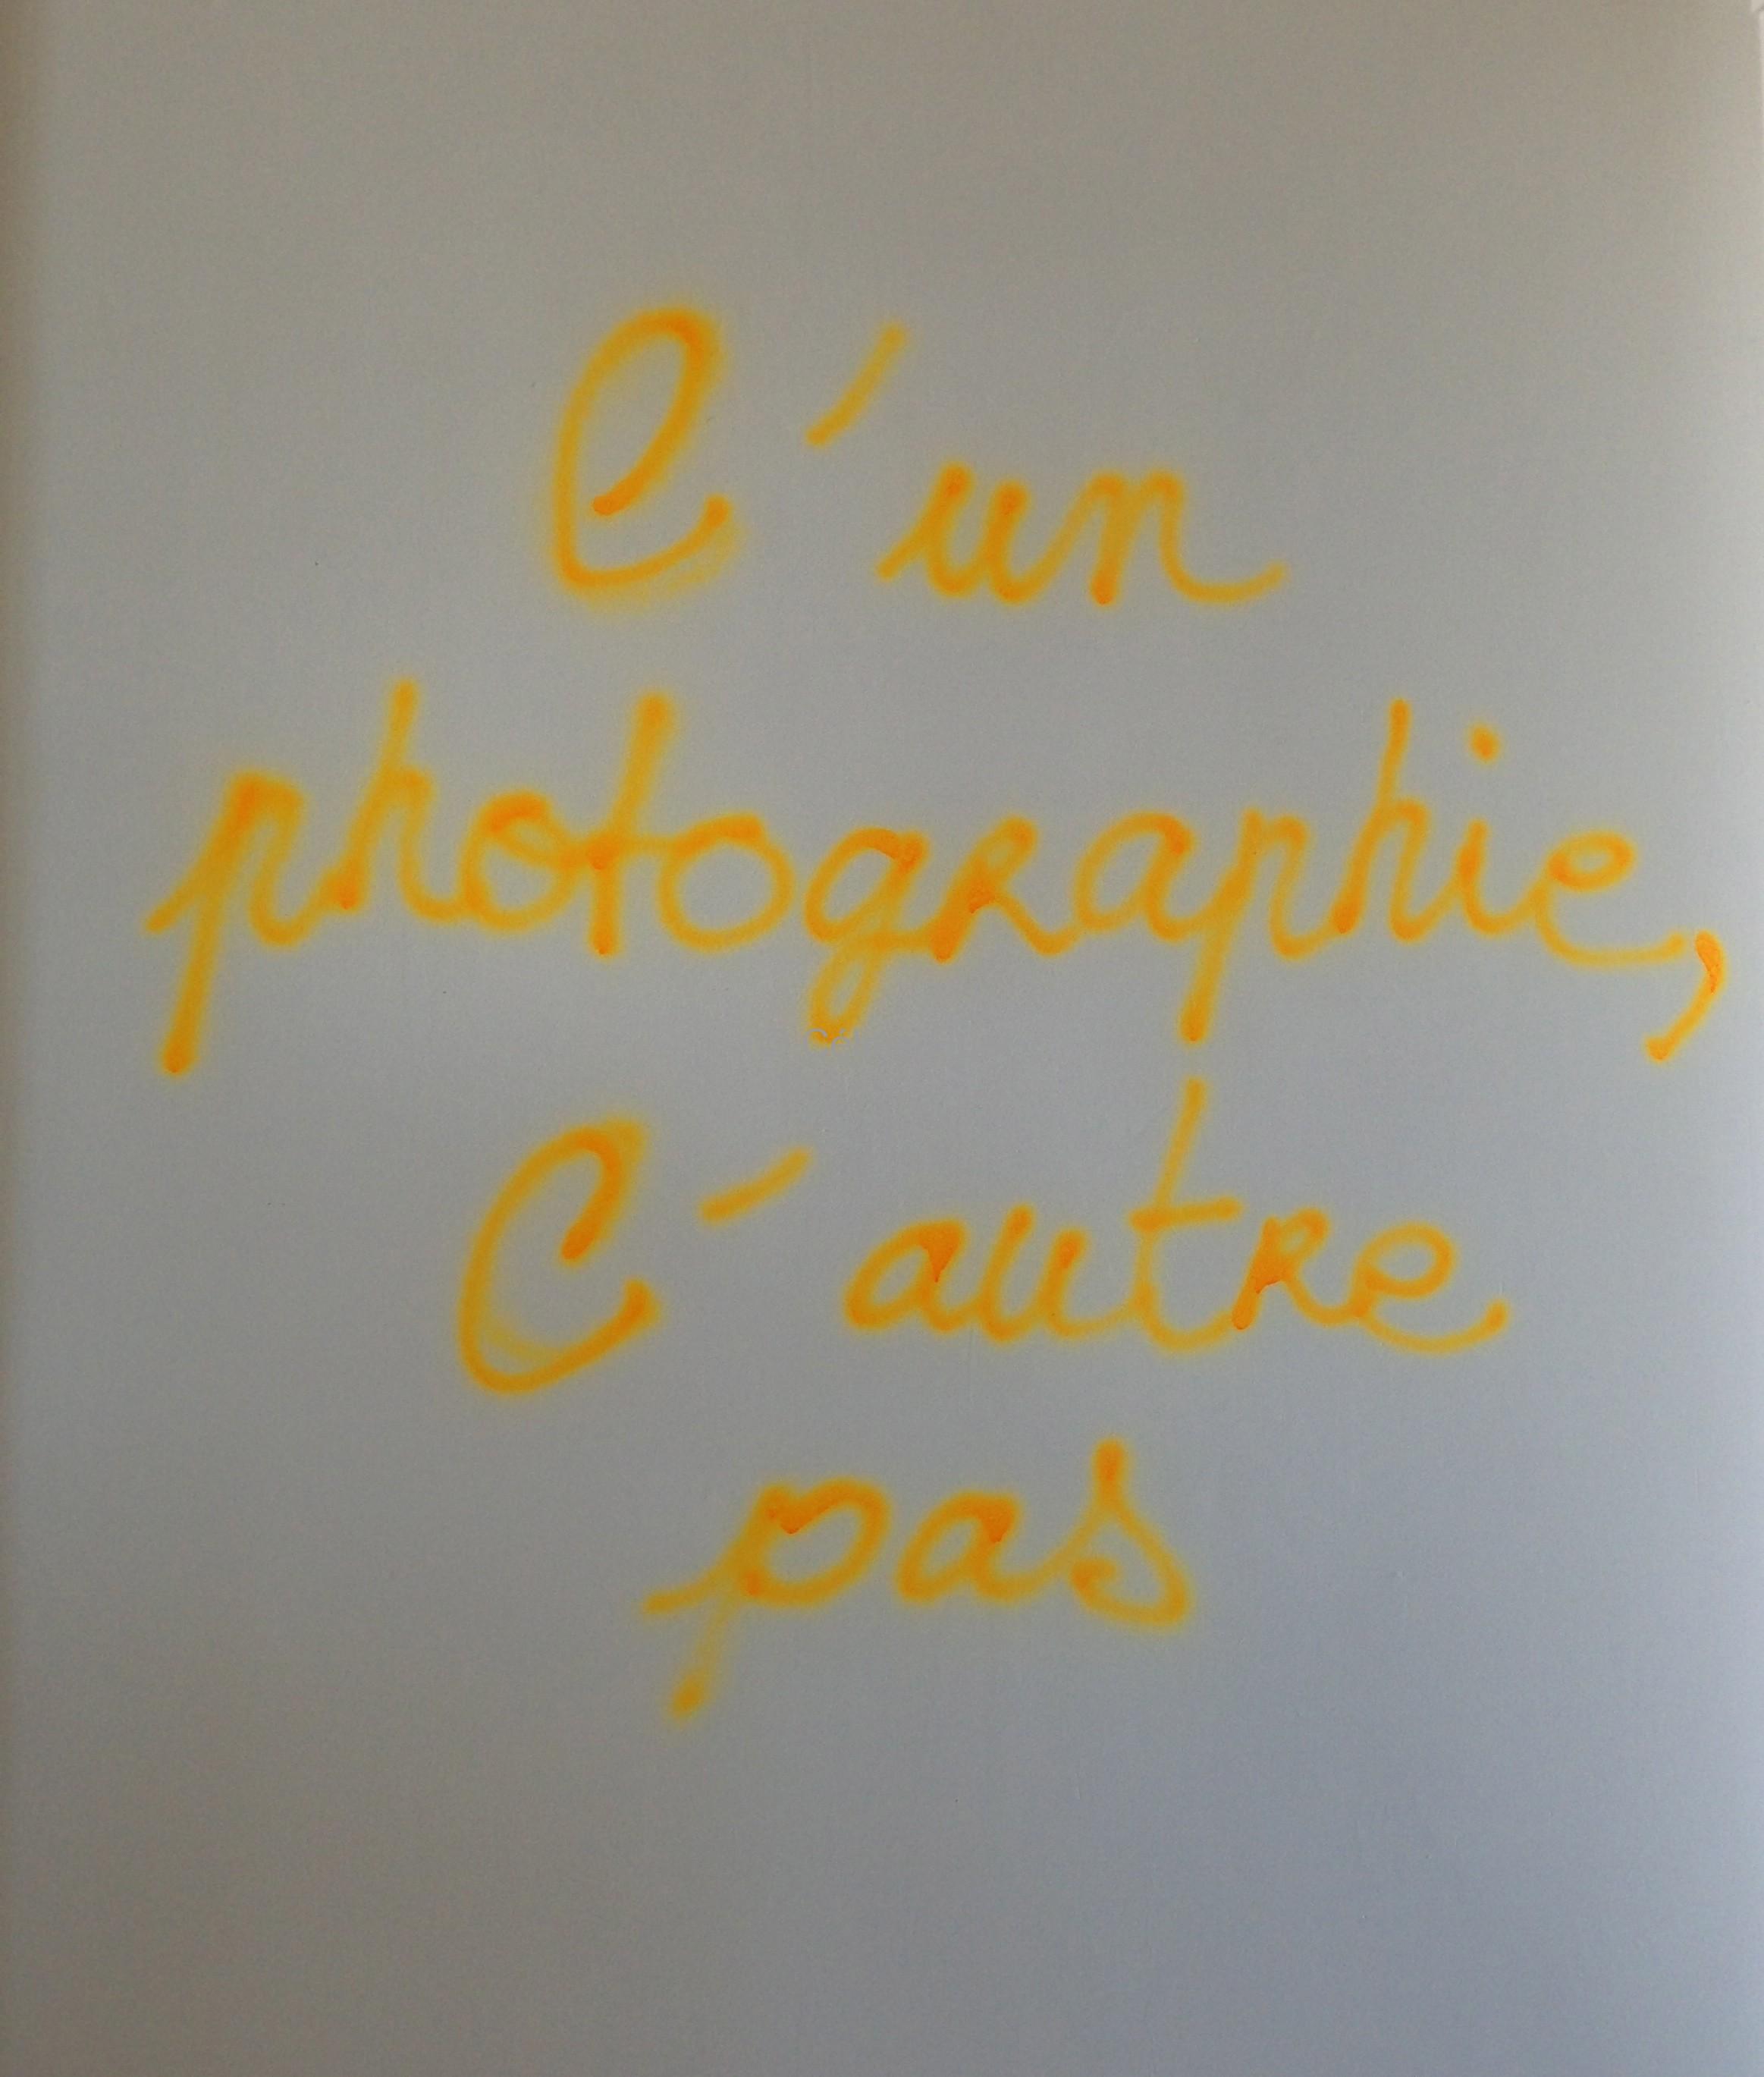 L'été photographique de Lectoure Gers